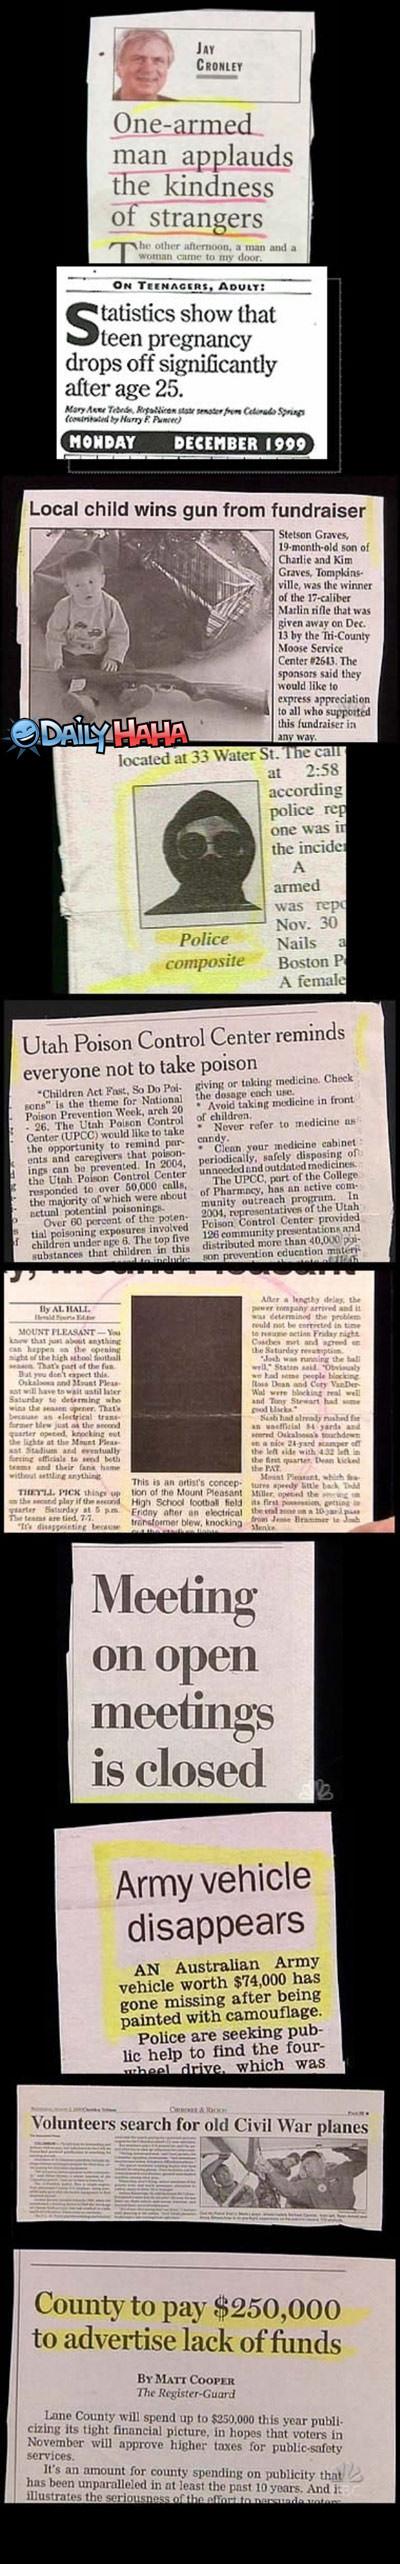 newspaper_headlines.jpg